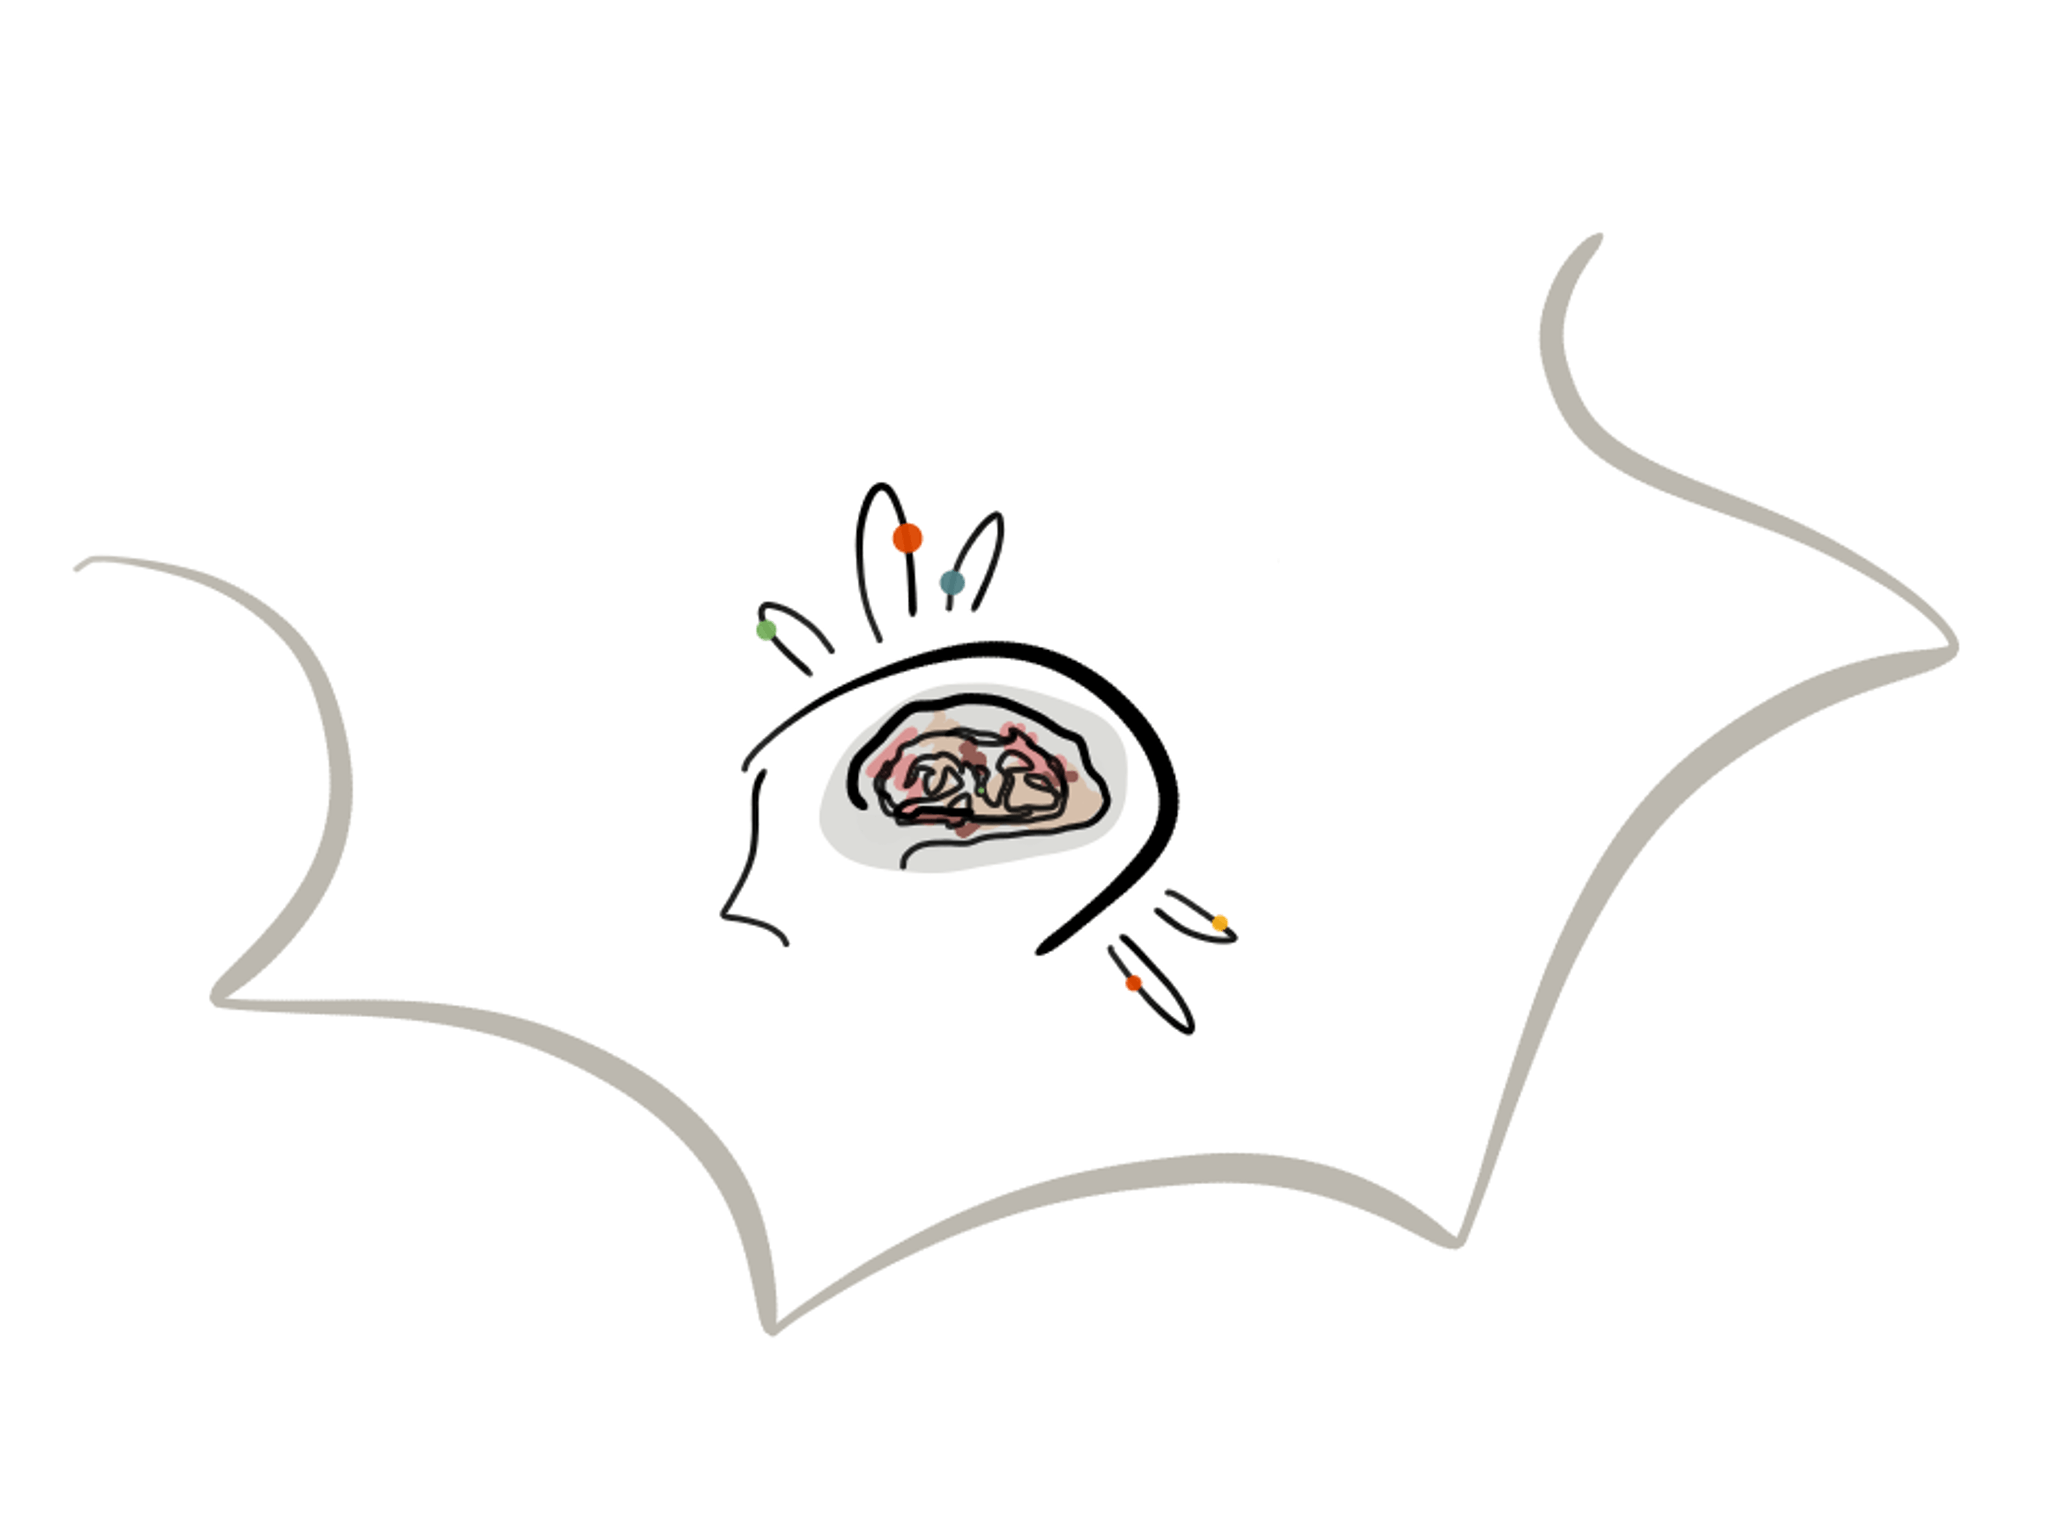 visuelles Brainstorming